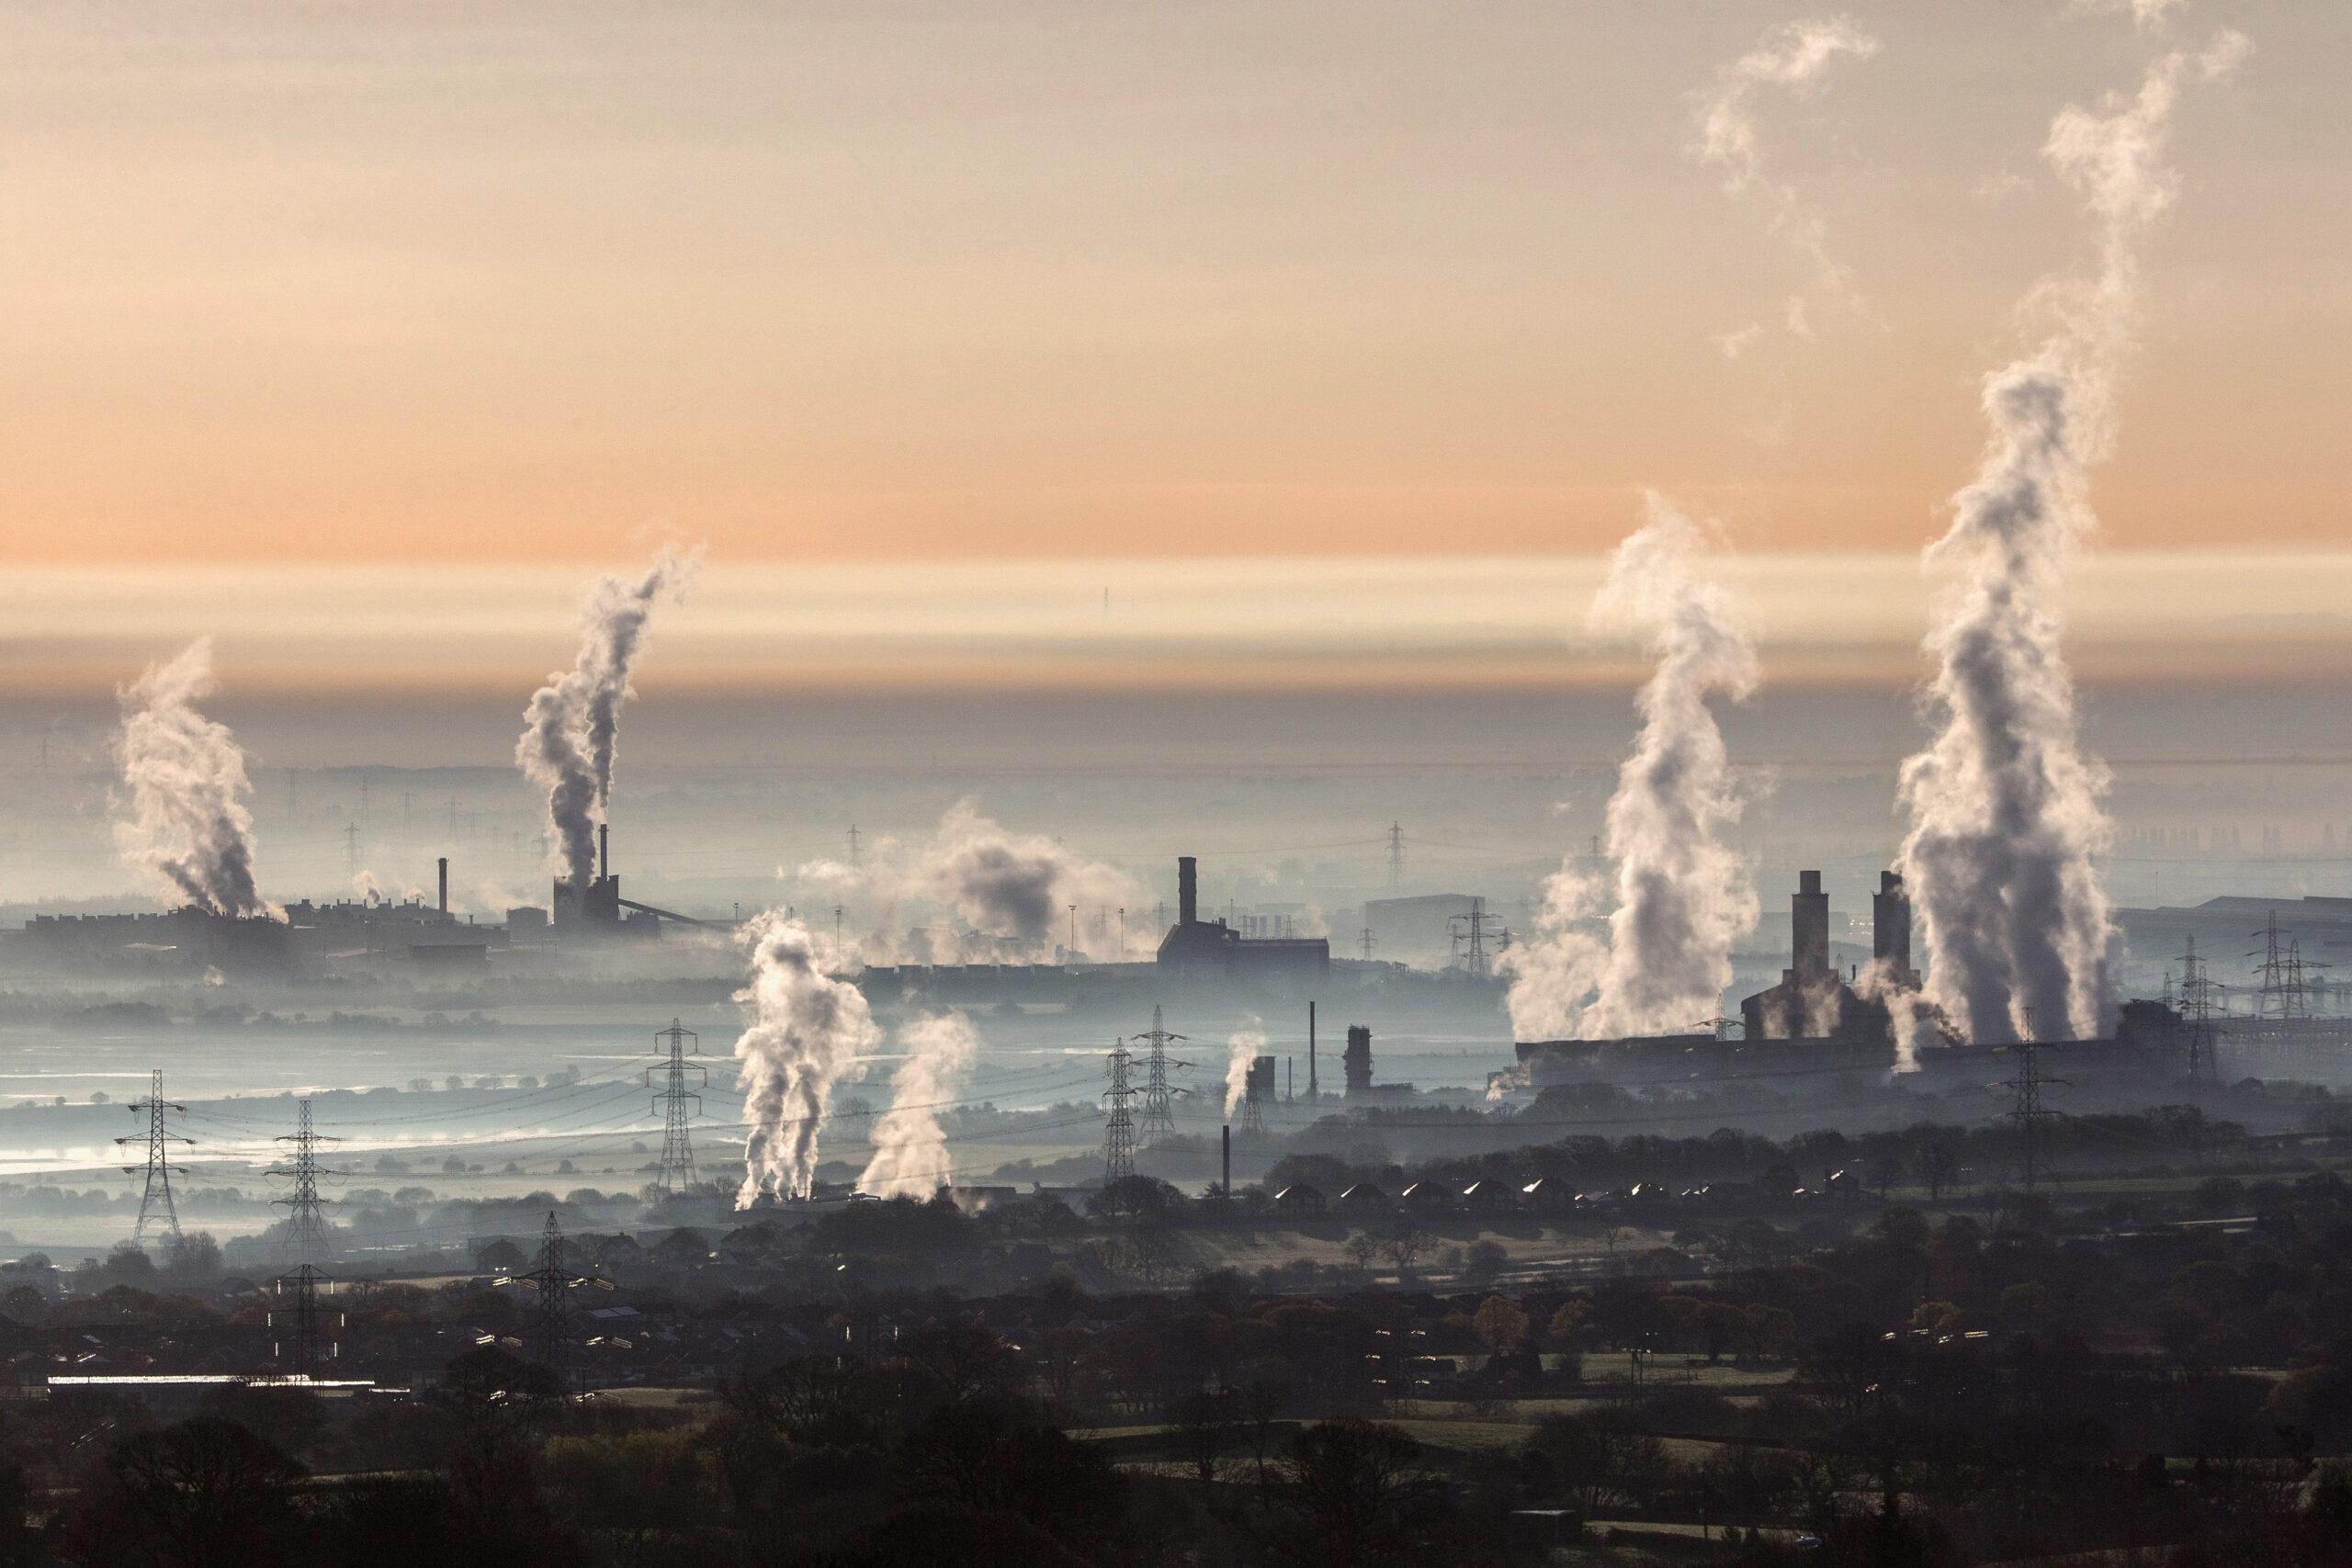 industry, pollution, energy, industrial landscape, fog, steel, power, generator, power station, electricity, industri, föroreningar, rök, skorstenar, utsläpp, koldioxidutsläpp, industrier, fabriker,